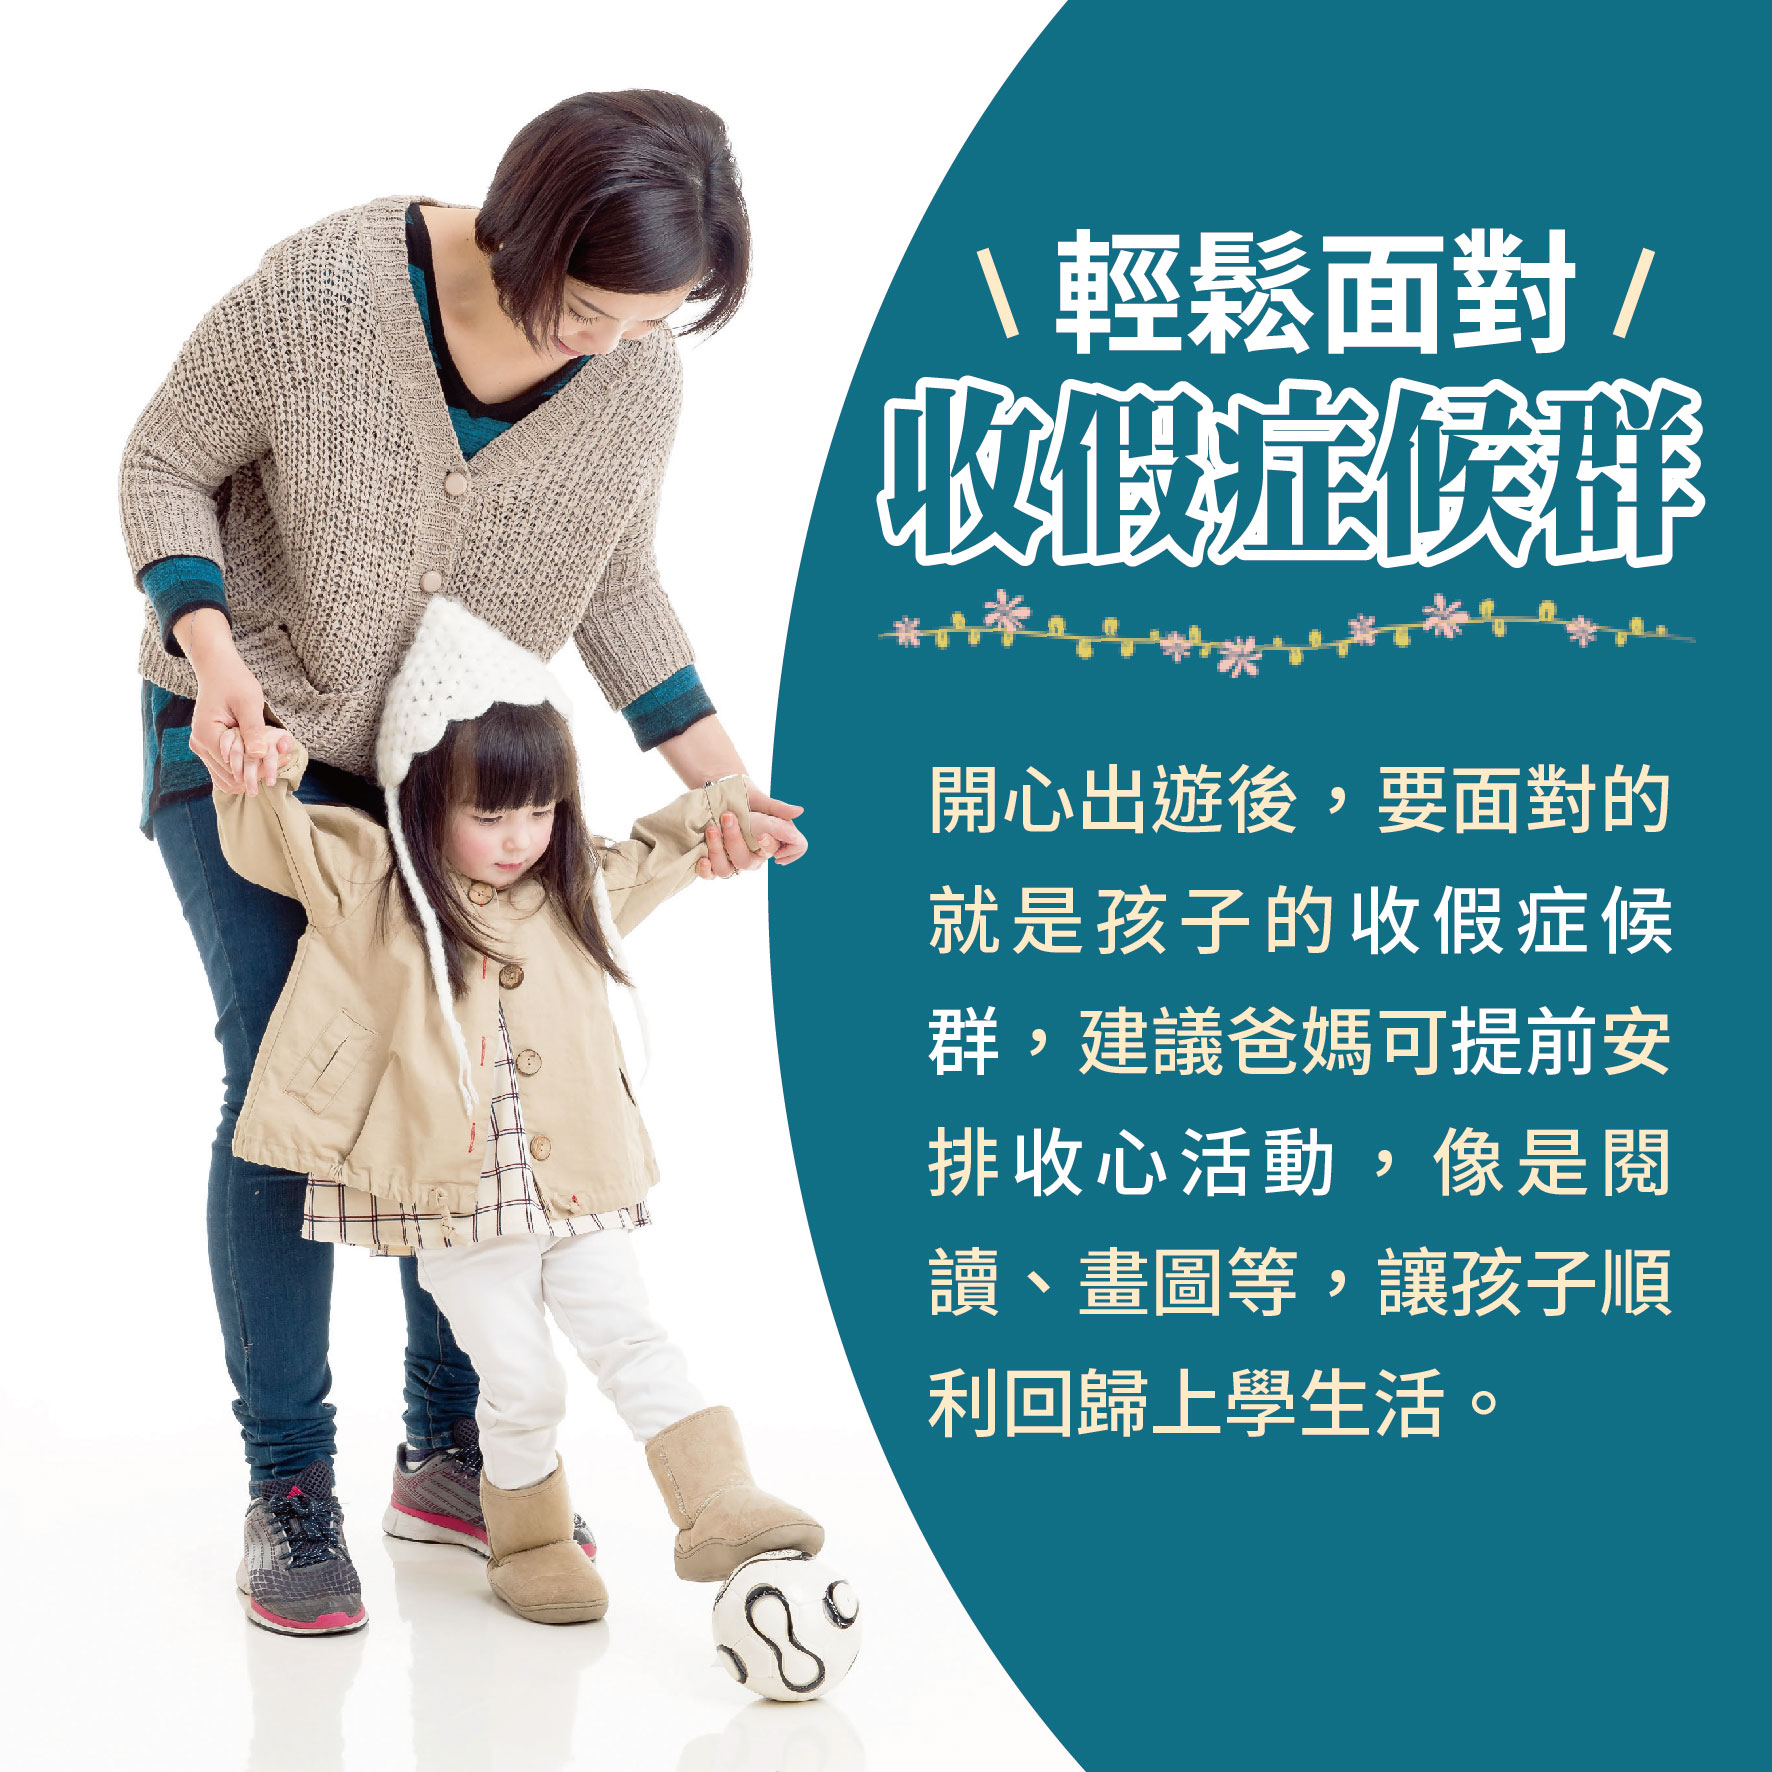 幼兒6歲(第28週)輕鬆面對 收假症侯群